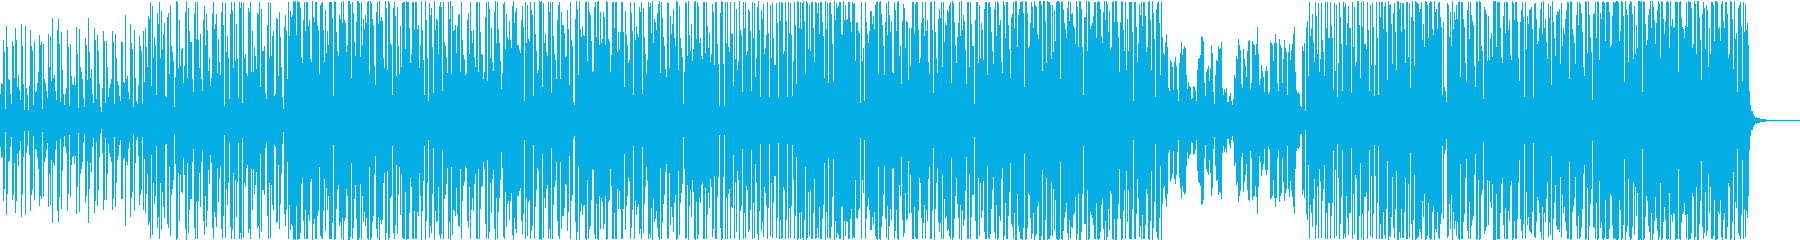 お洒落で大人な雰囲気のトロピカルハウスの再生済みの波形